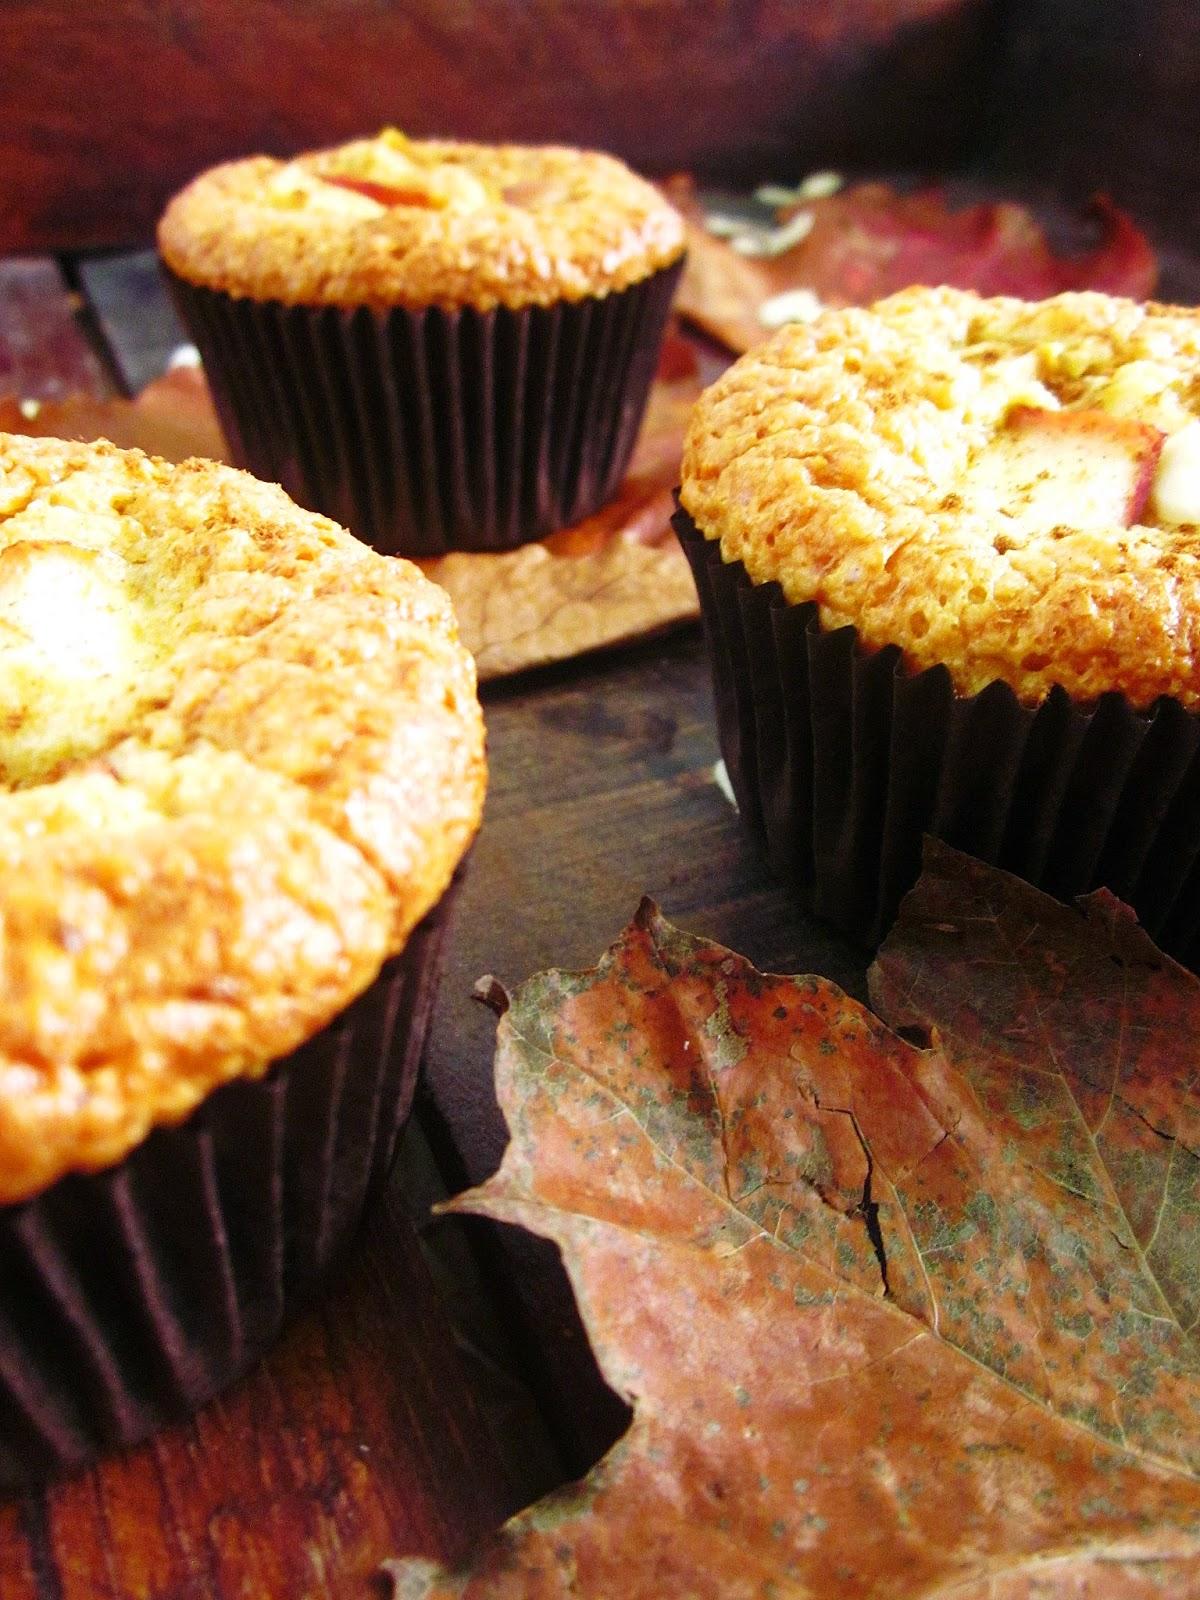 Detailansicht Muffins